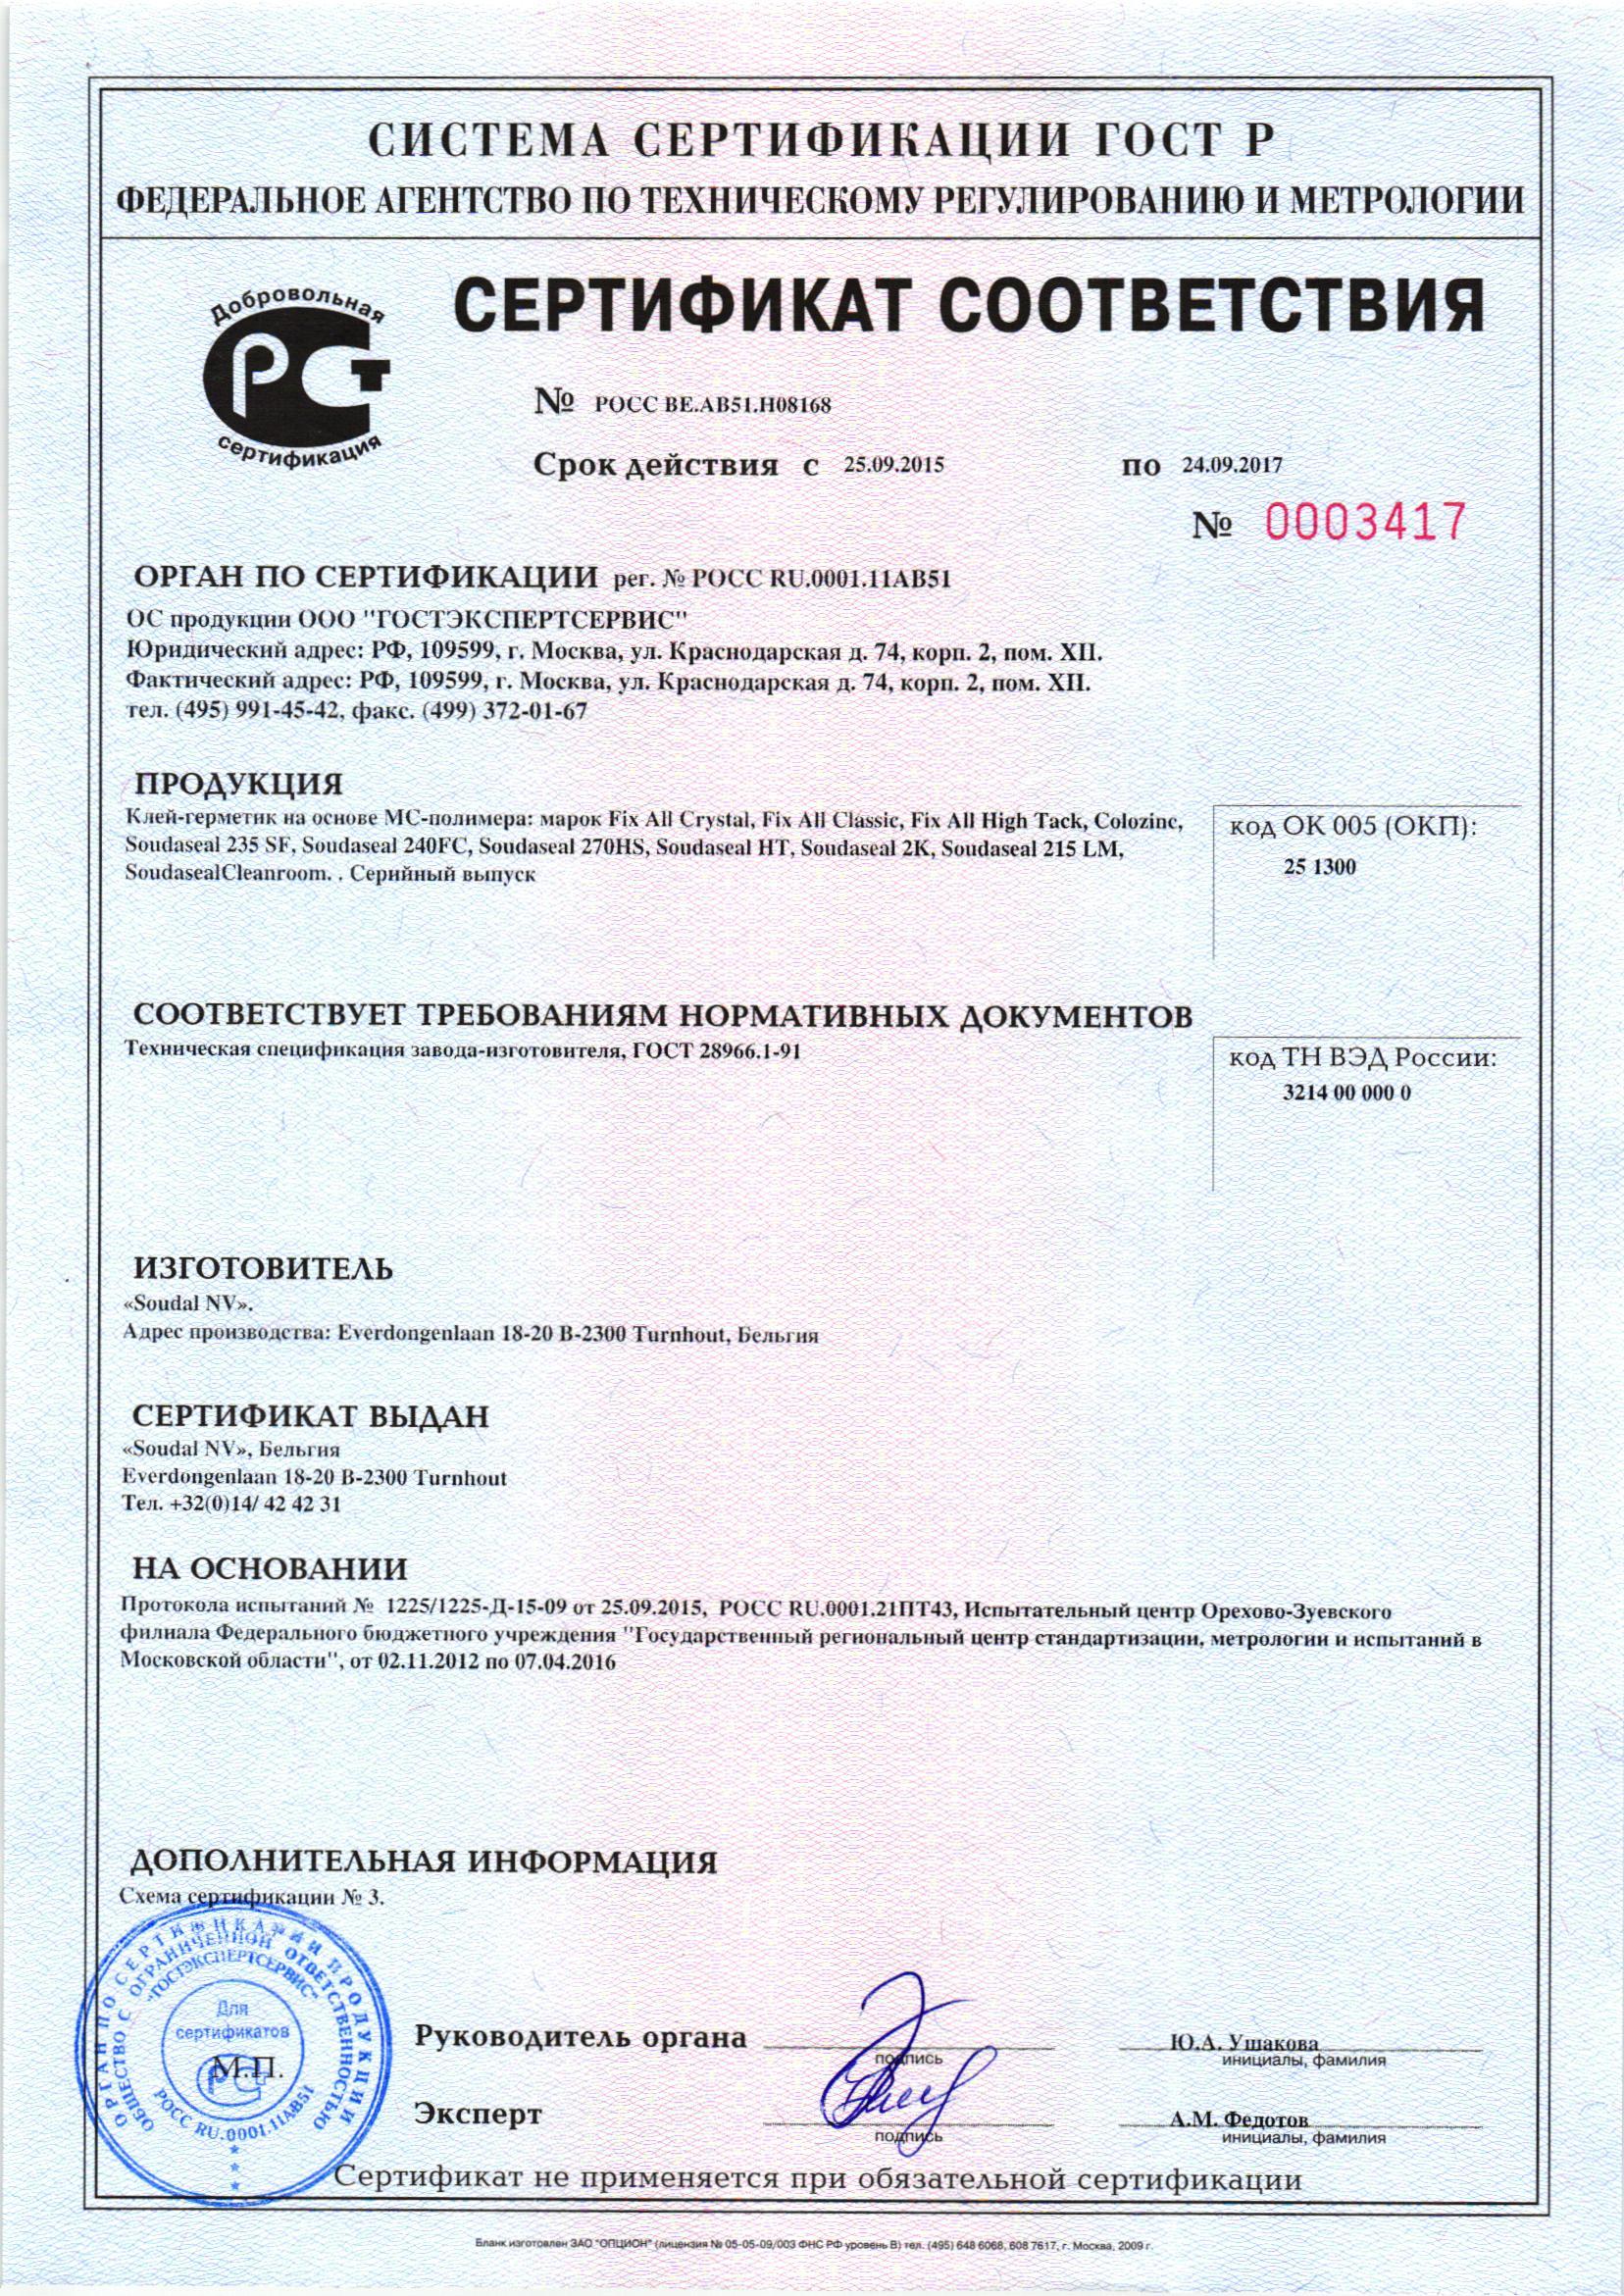 Сертификат соответствия   Википедия